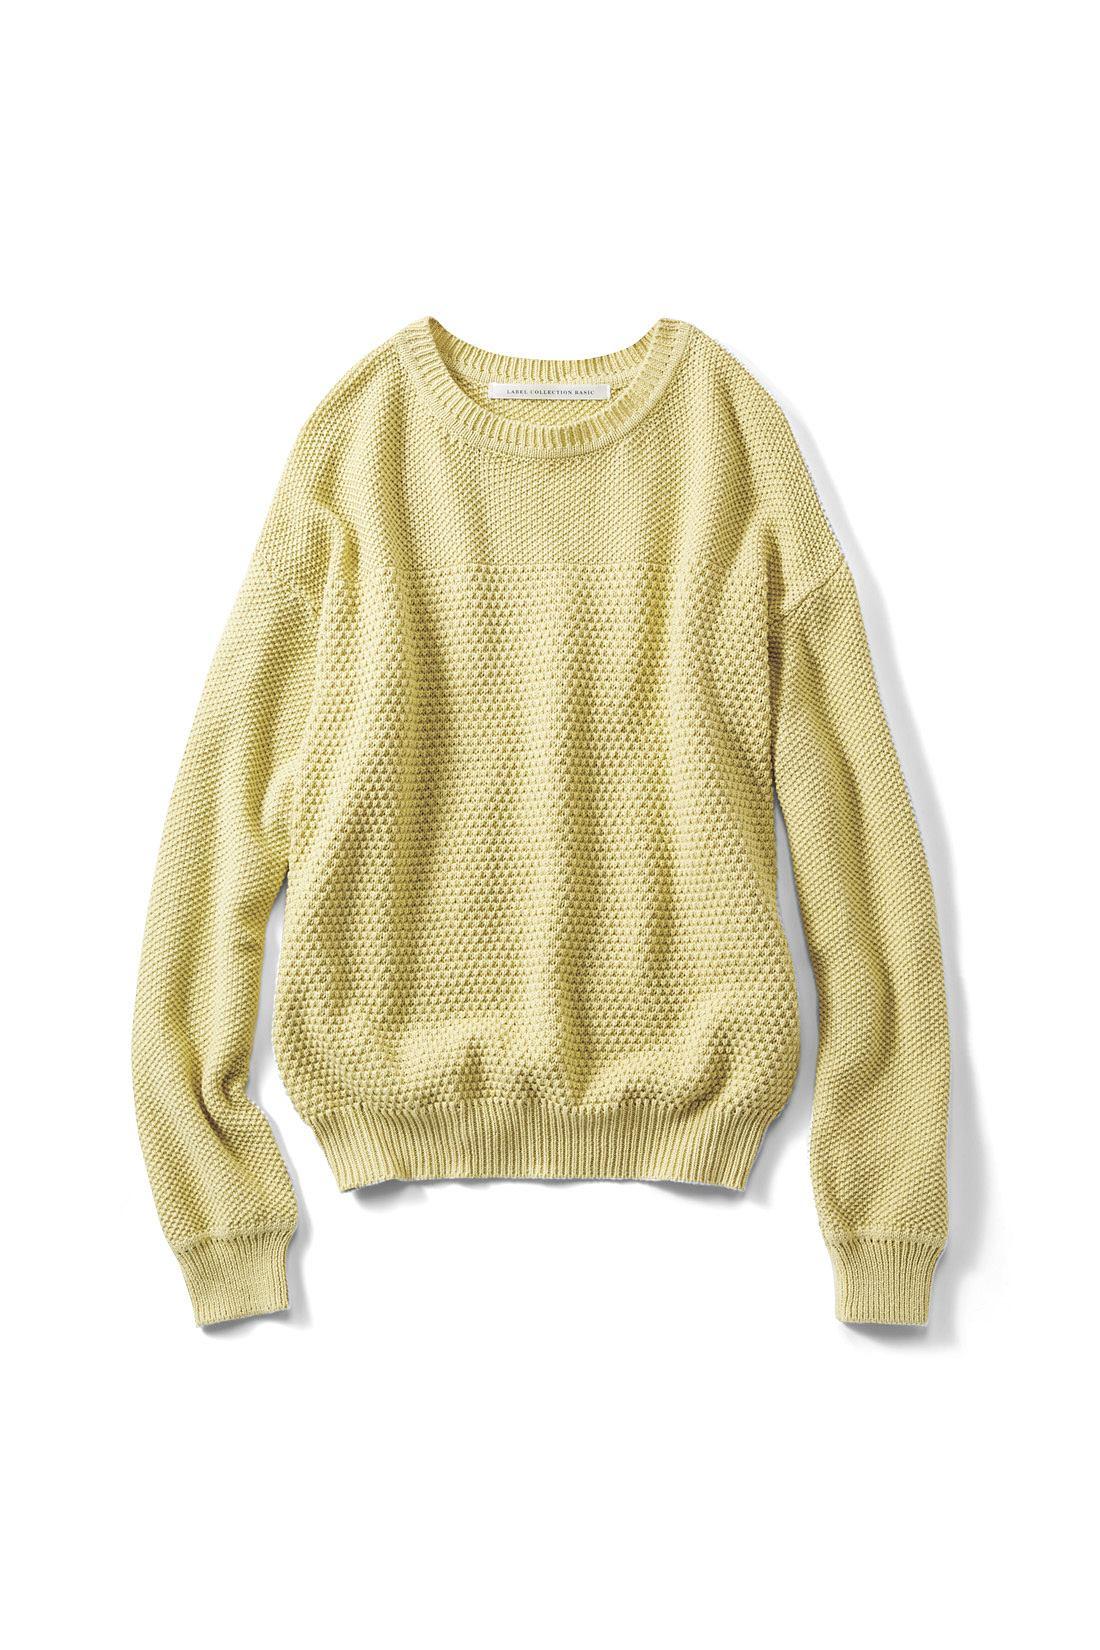 明るい着映え感のある〈シトロンイエロー〉 トレンドのワイドパンツやスカートに合わせやすいコンパクトな丈感。